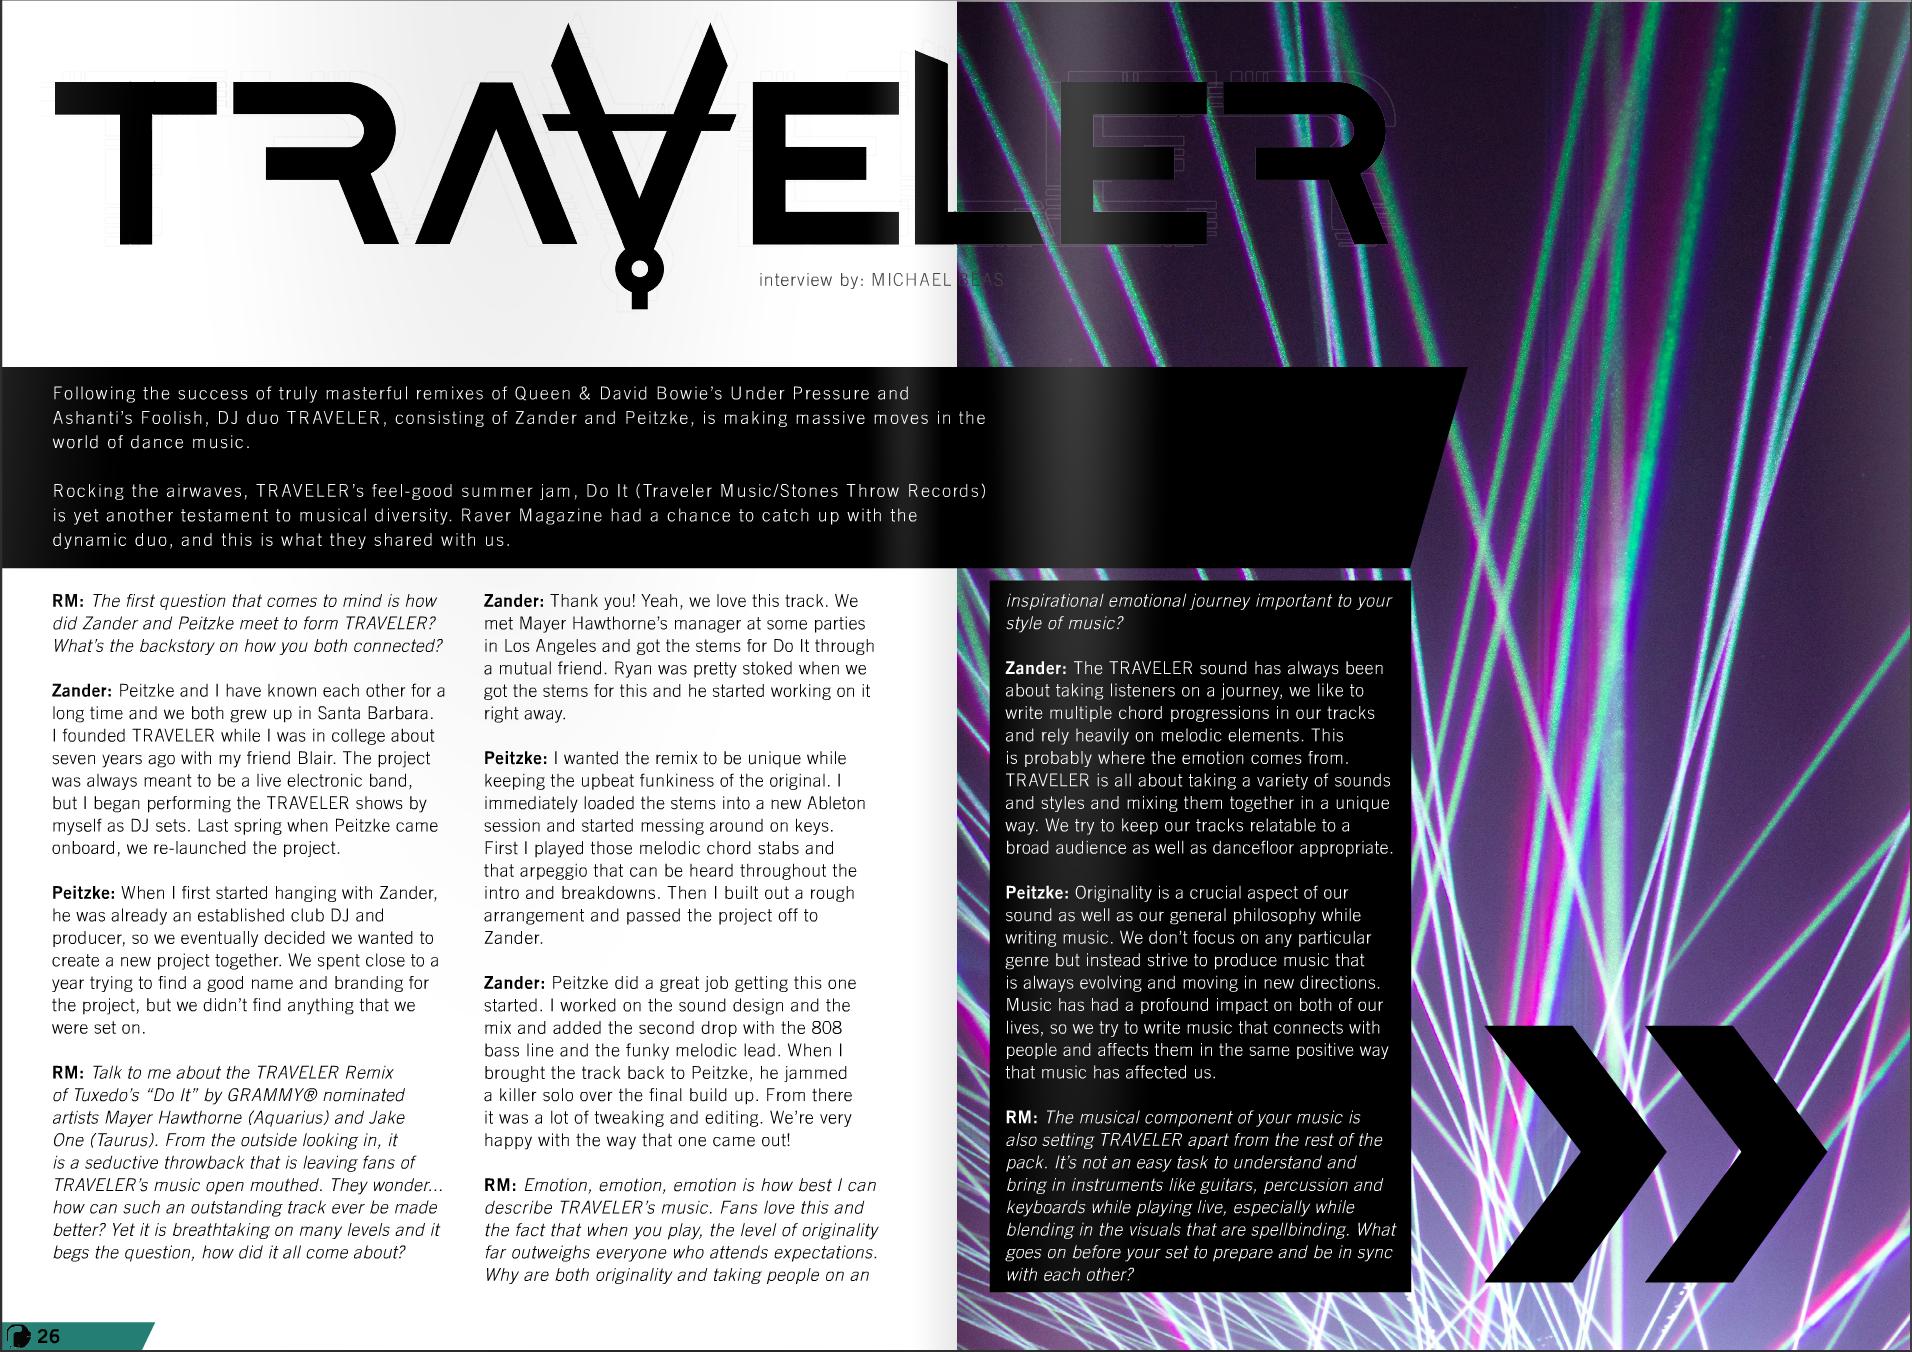 Traveler Raver Magazine